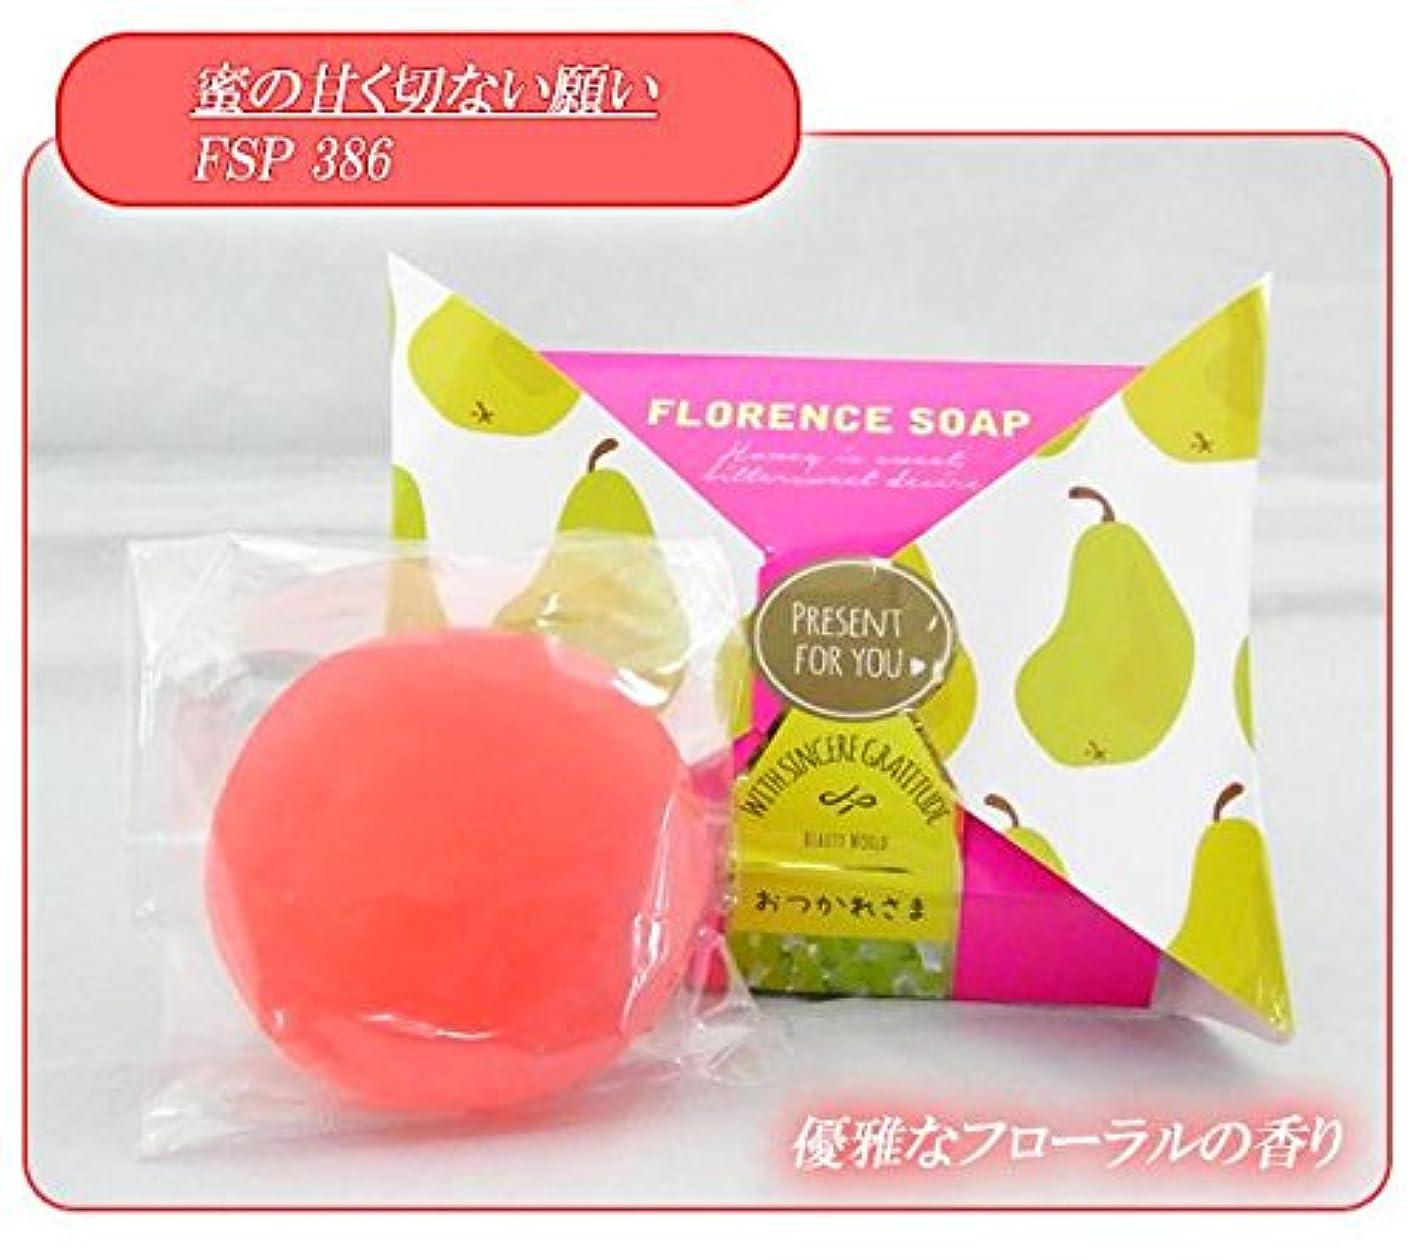 協会公演媒染剤ビューティーワールド BWフローレンスの香り石けん リボンパッケージ 6個セット 蜜の甘く切ない願い